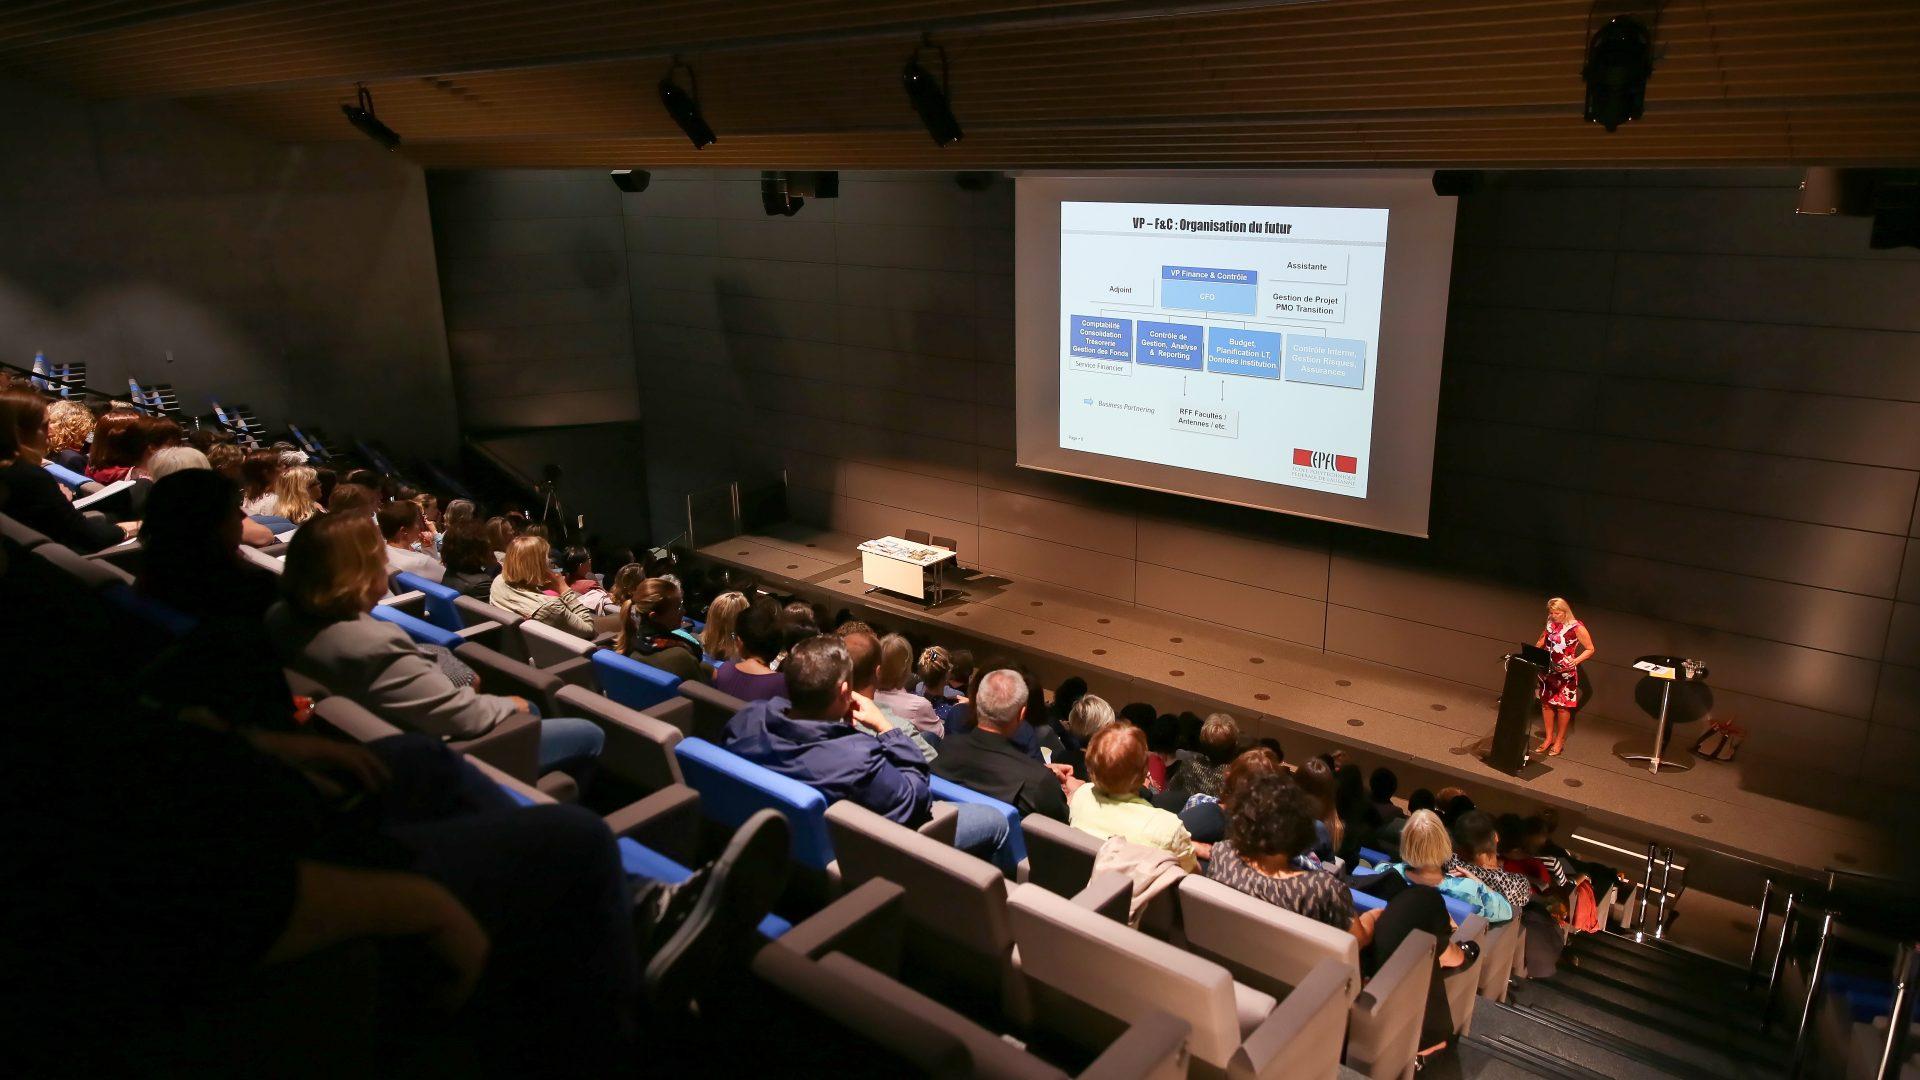 Un auditoire rempli avec, au second plan, une présentation Powerpoint